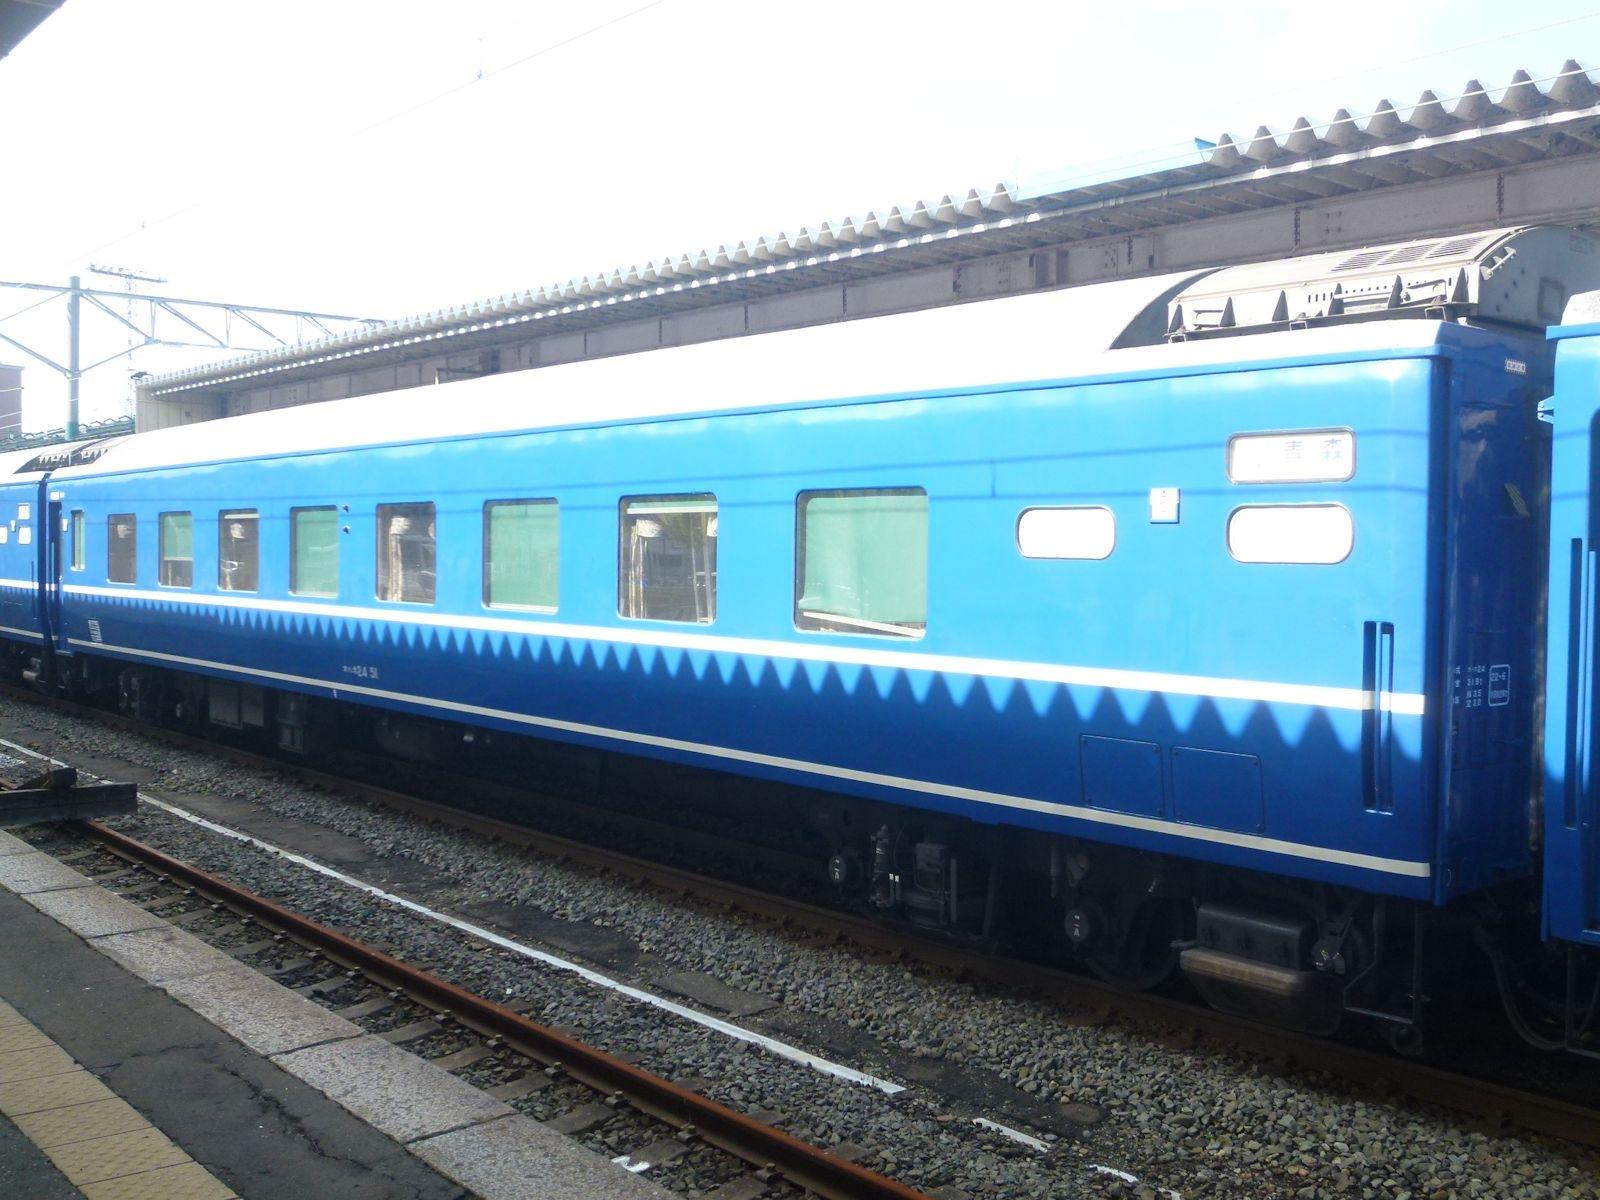 寝台特急日本海号のB寝台車両(JPG-247k)